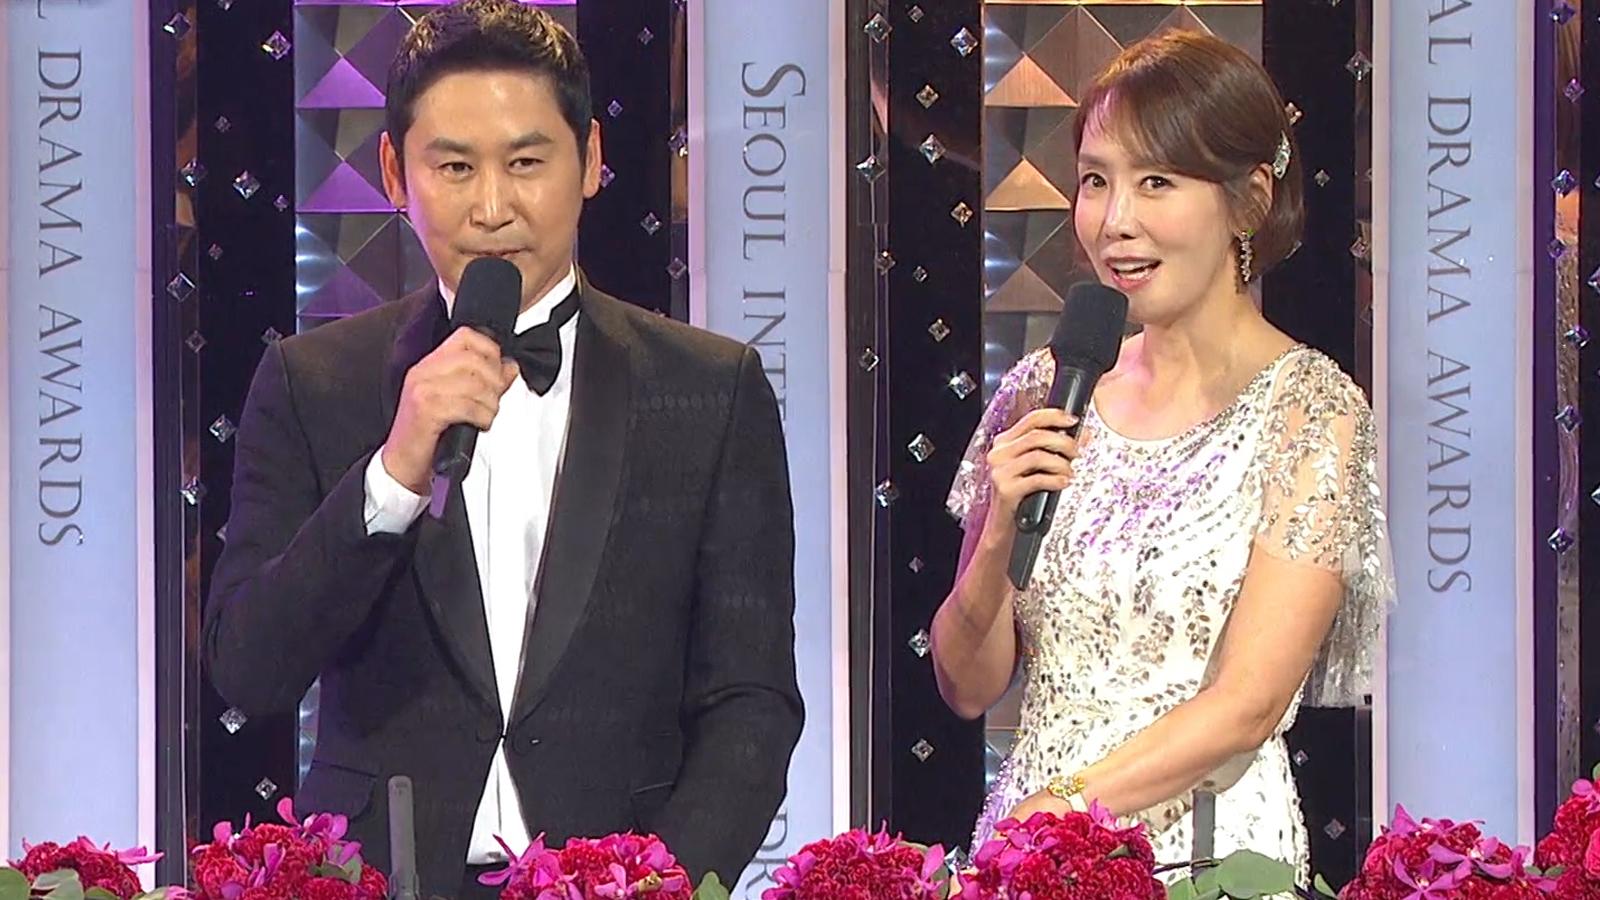 Seoul International Drama Awards 2017 Episode 1